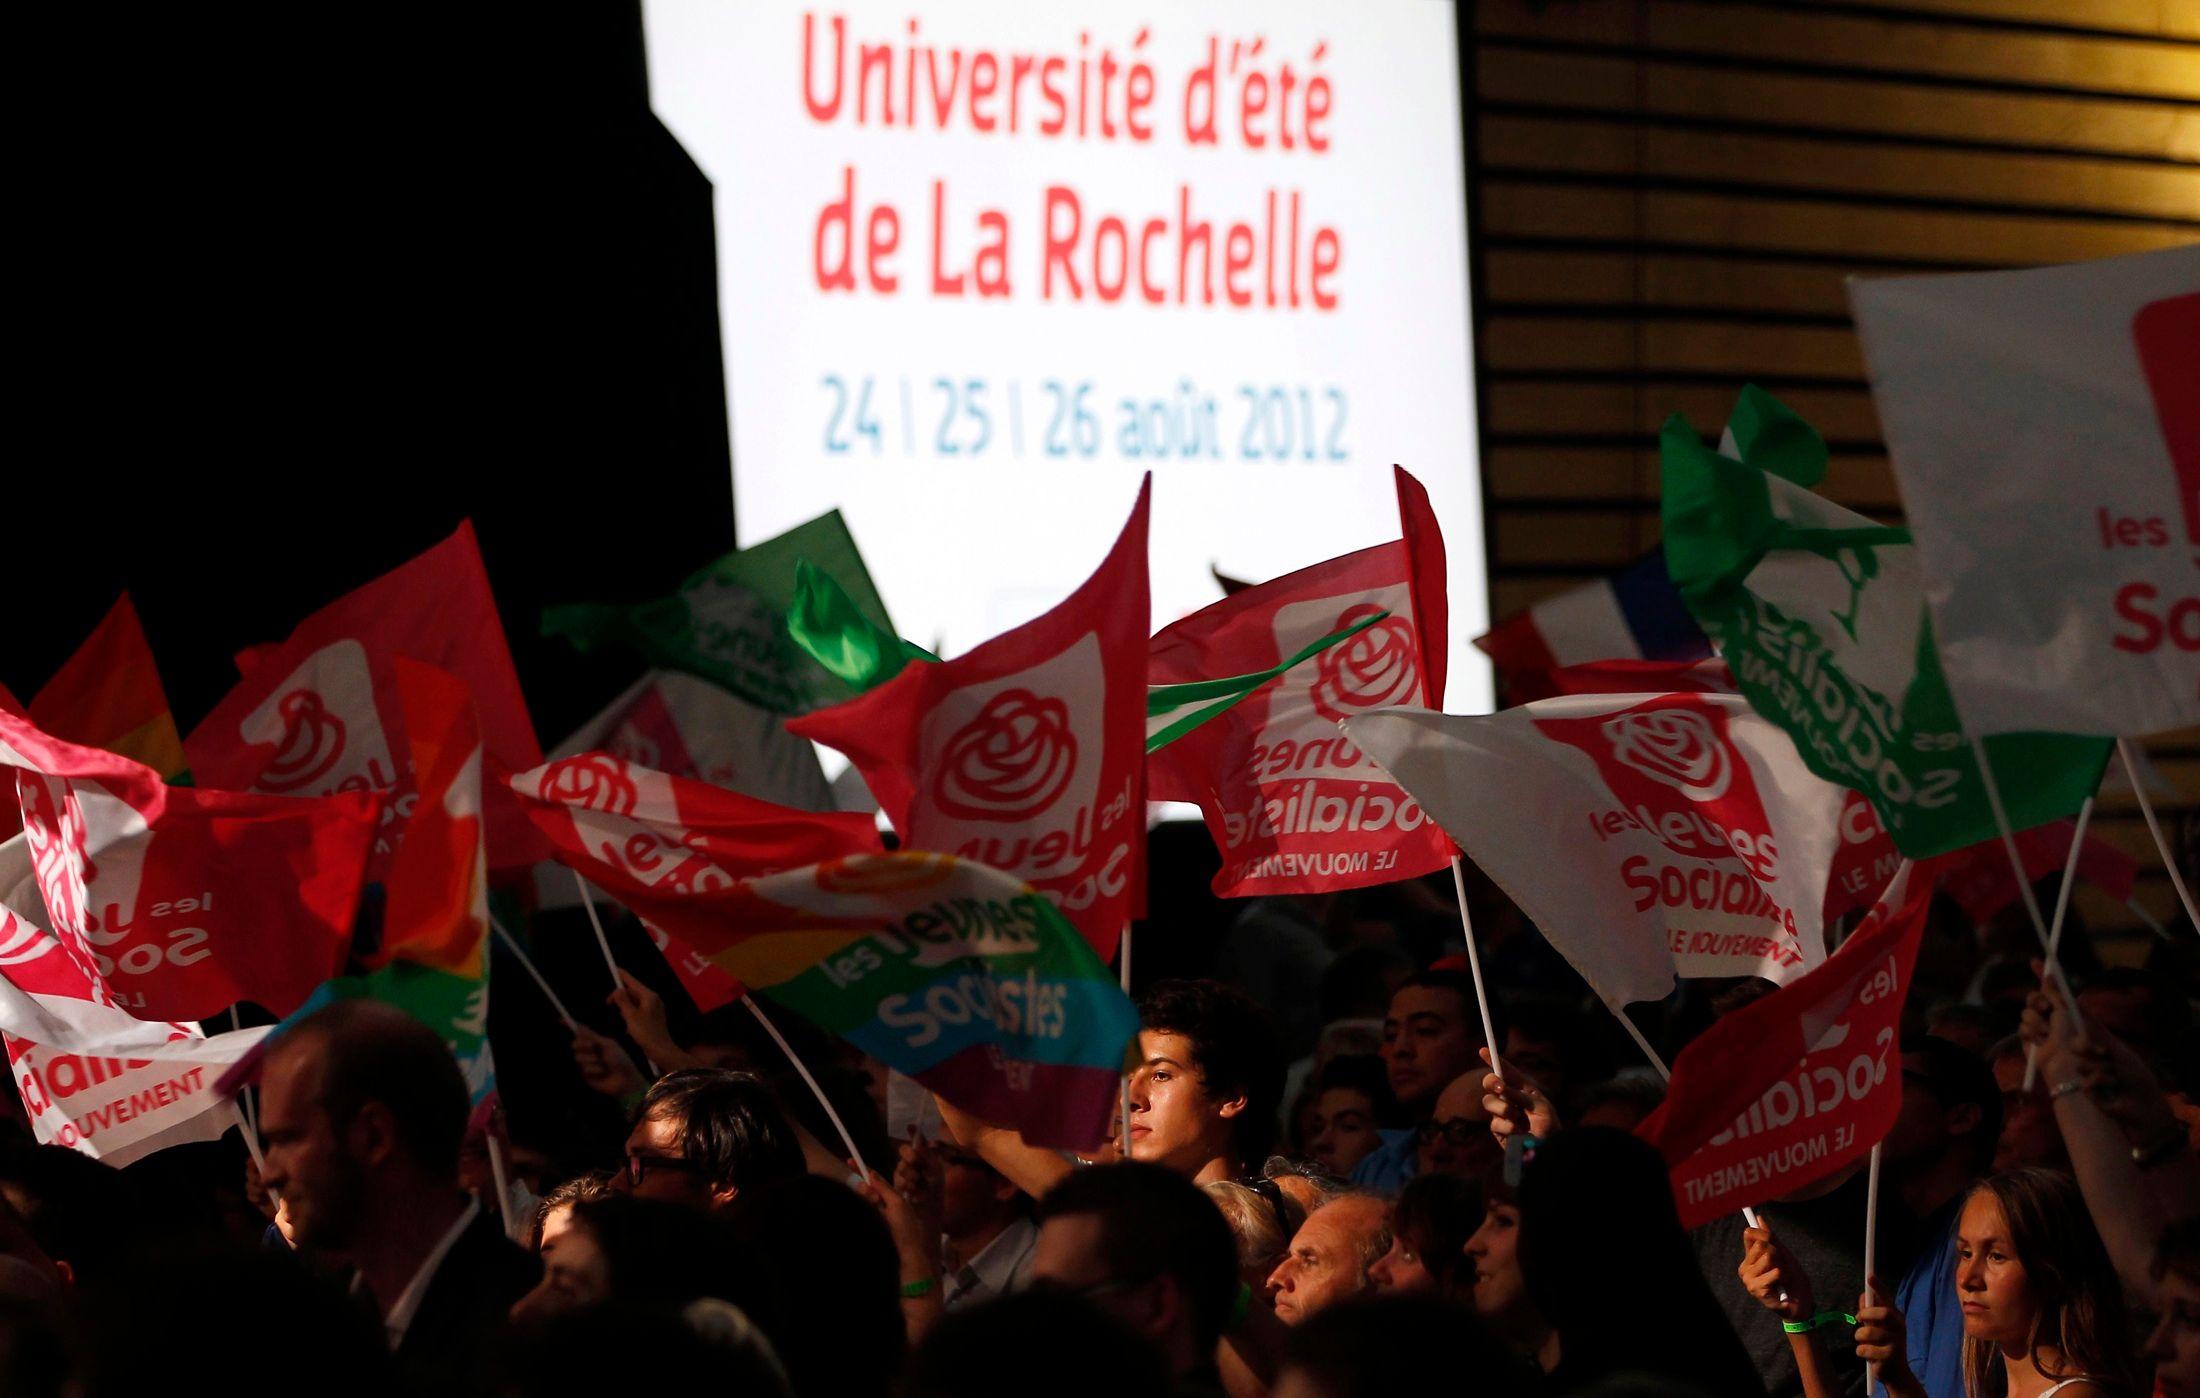 L'université d'été du Parti socialiste, au pouvoir depuis plus de 100 jours, s'achève ce dimanche 26 août.